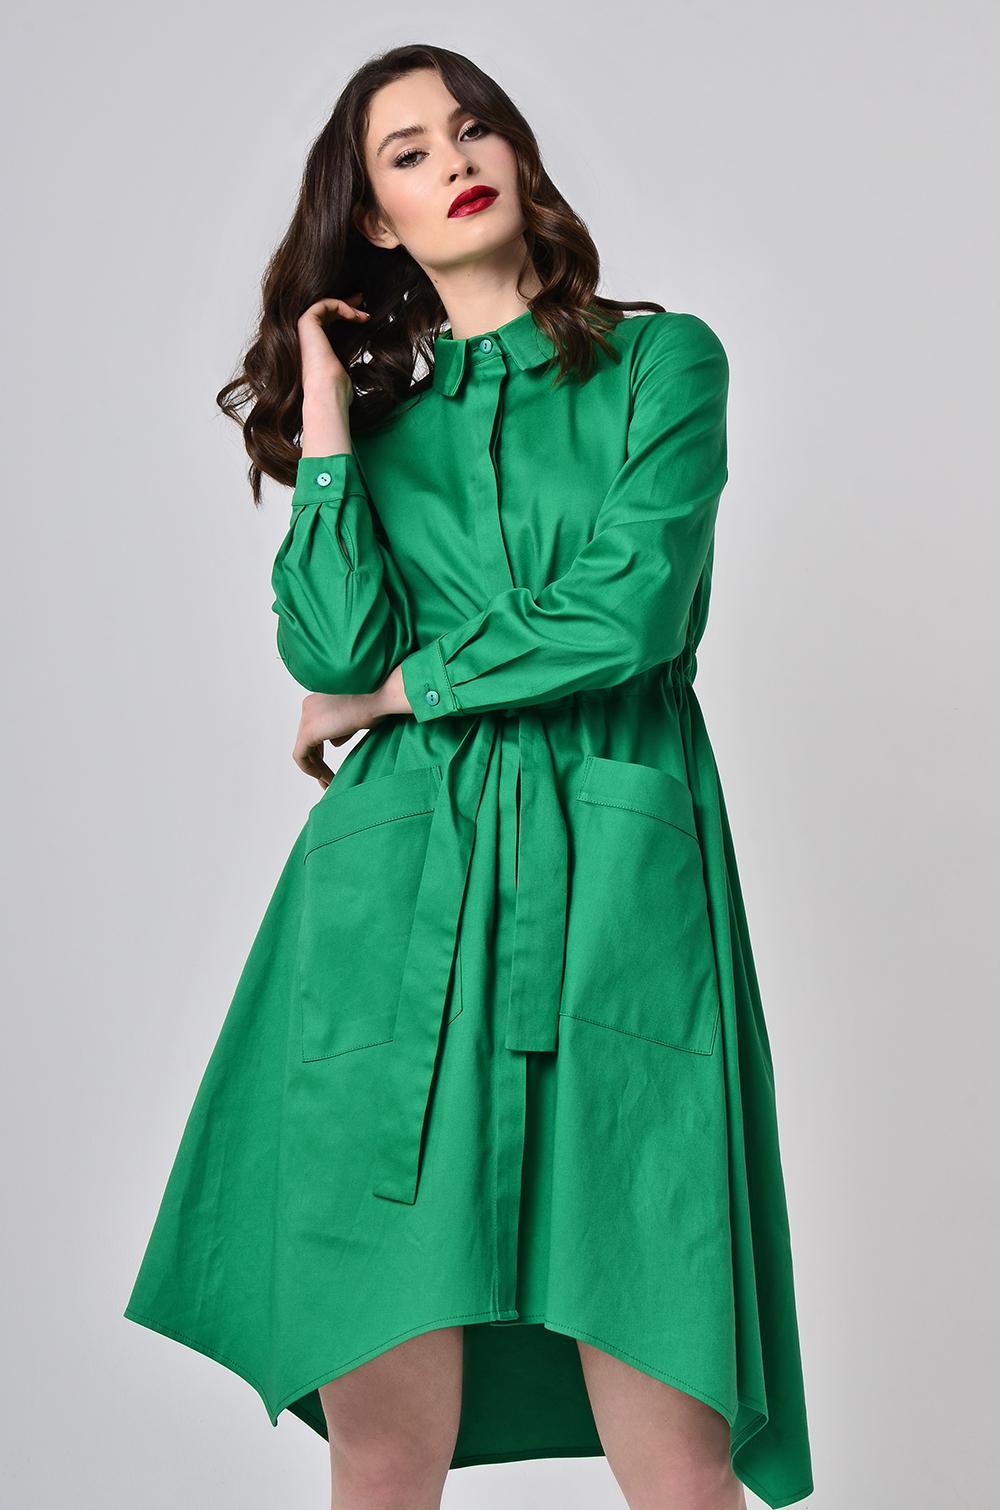 Сукня-халат з поясом-кулісою Зелена Lipar